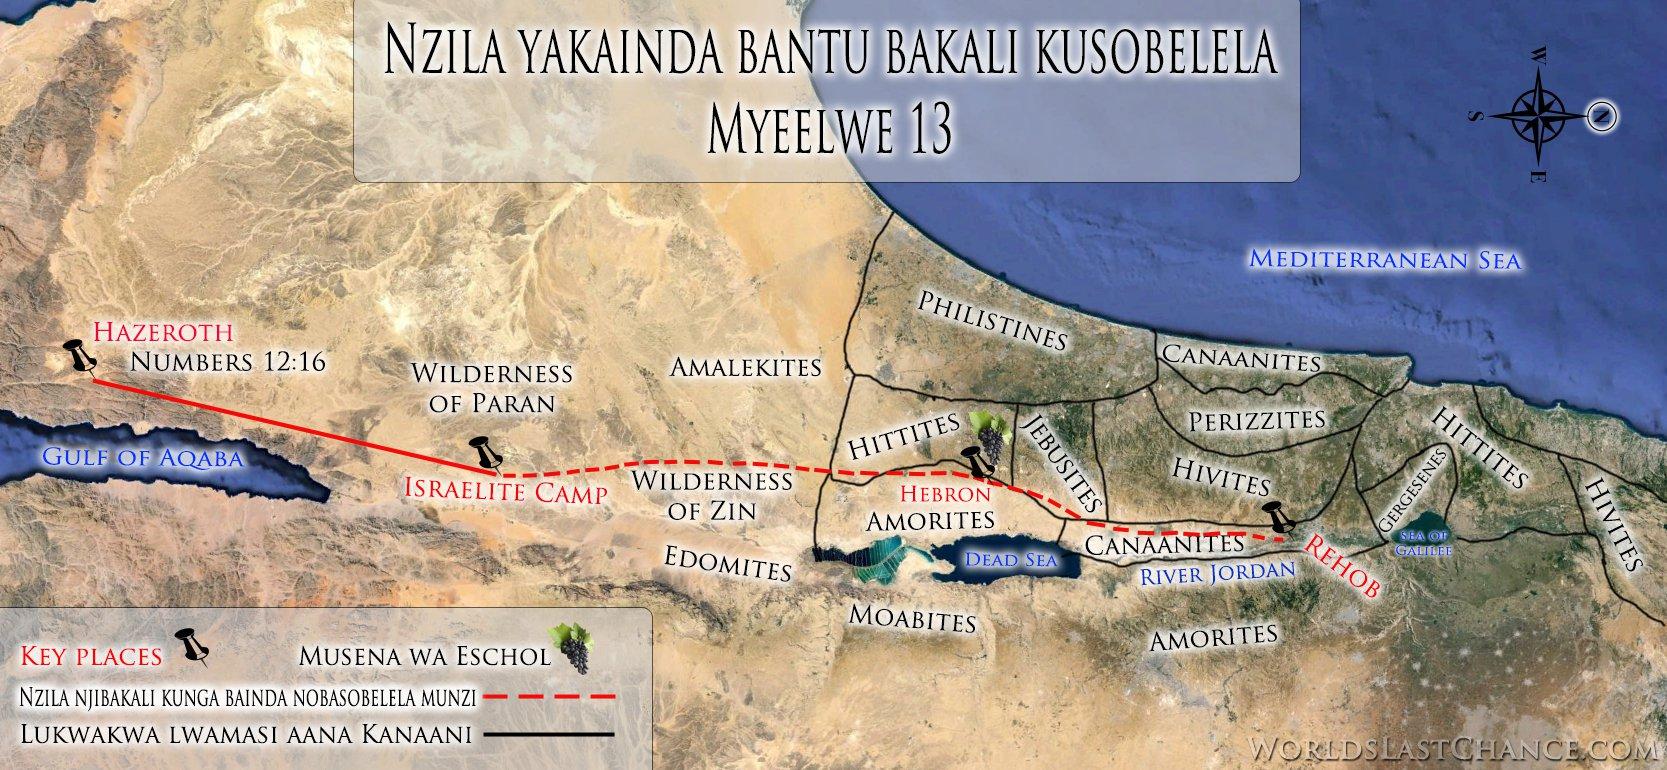 Nzila yakainda bantu bakali kusobelela nyika ya Kanaani (nyika yaba Nephilimu) mu Myeelwe 13